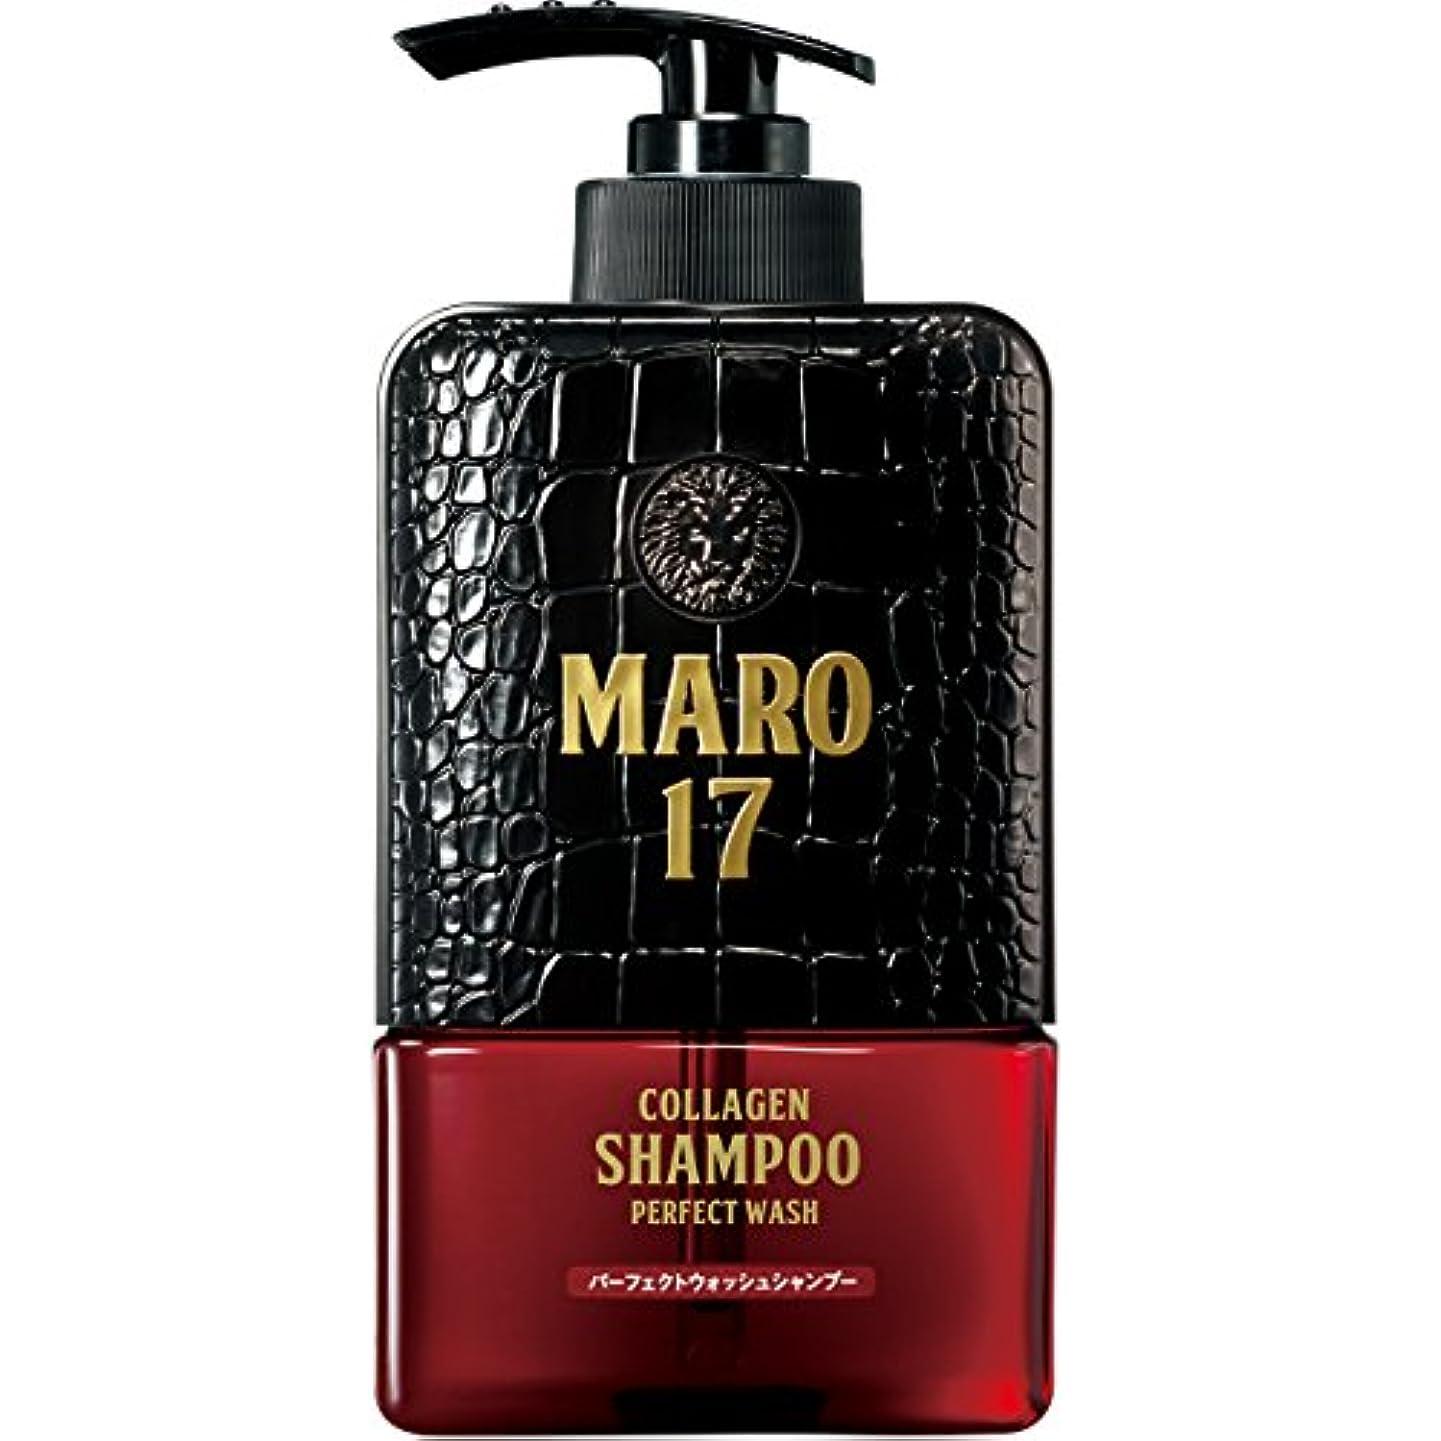 性交価値のないタイマーMARO17 コラーゲン シャンプー パーフェクトウォッシュ 350ml